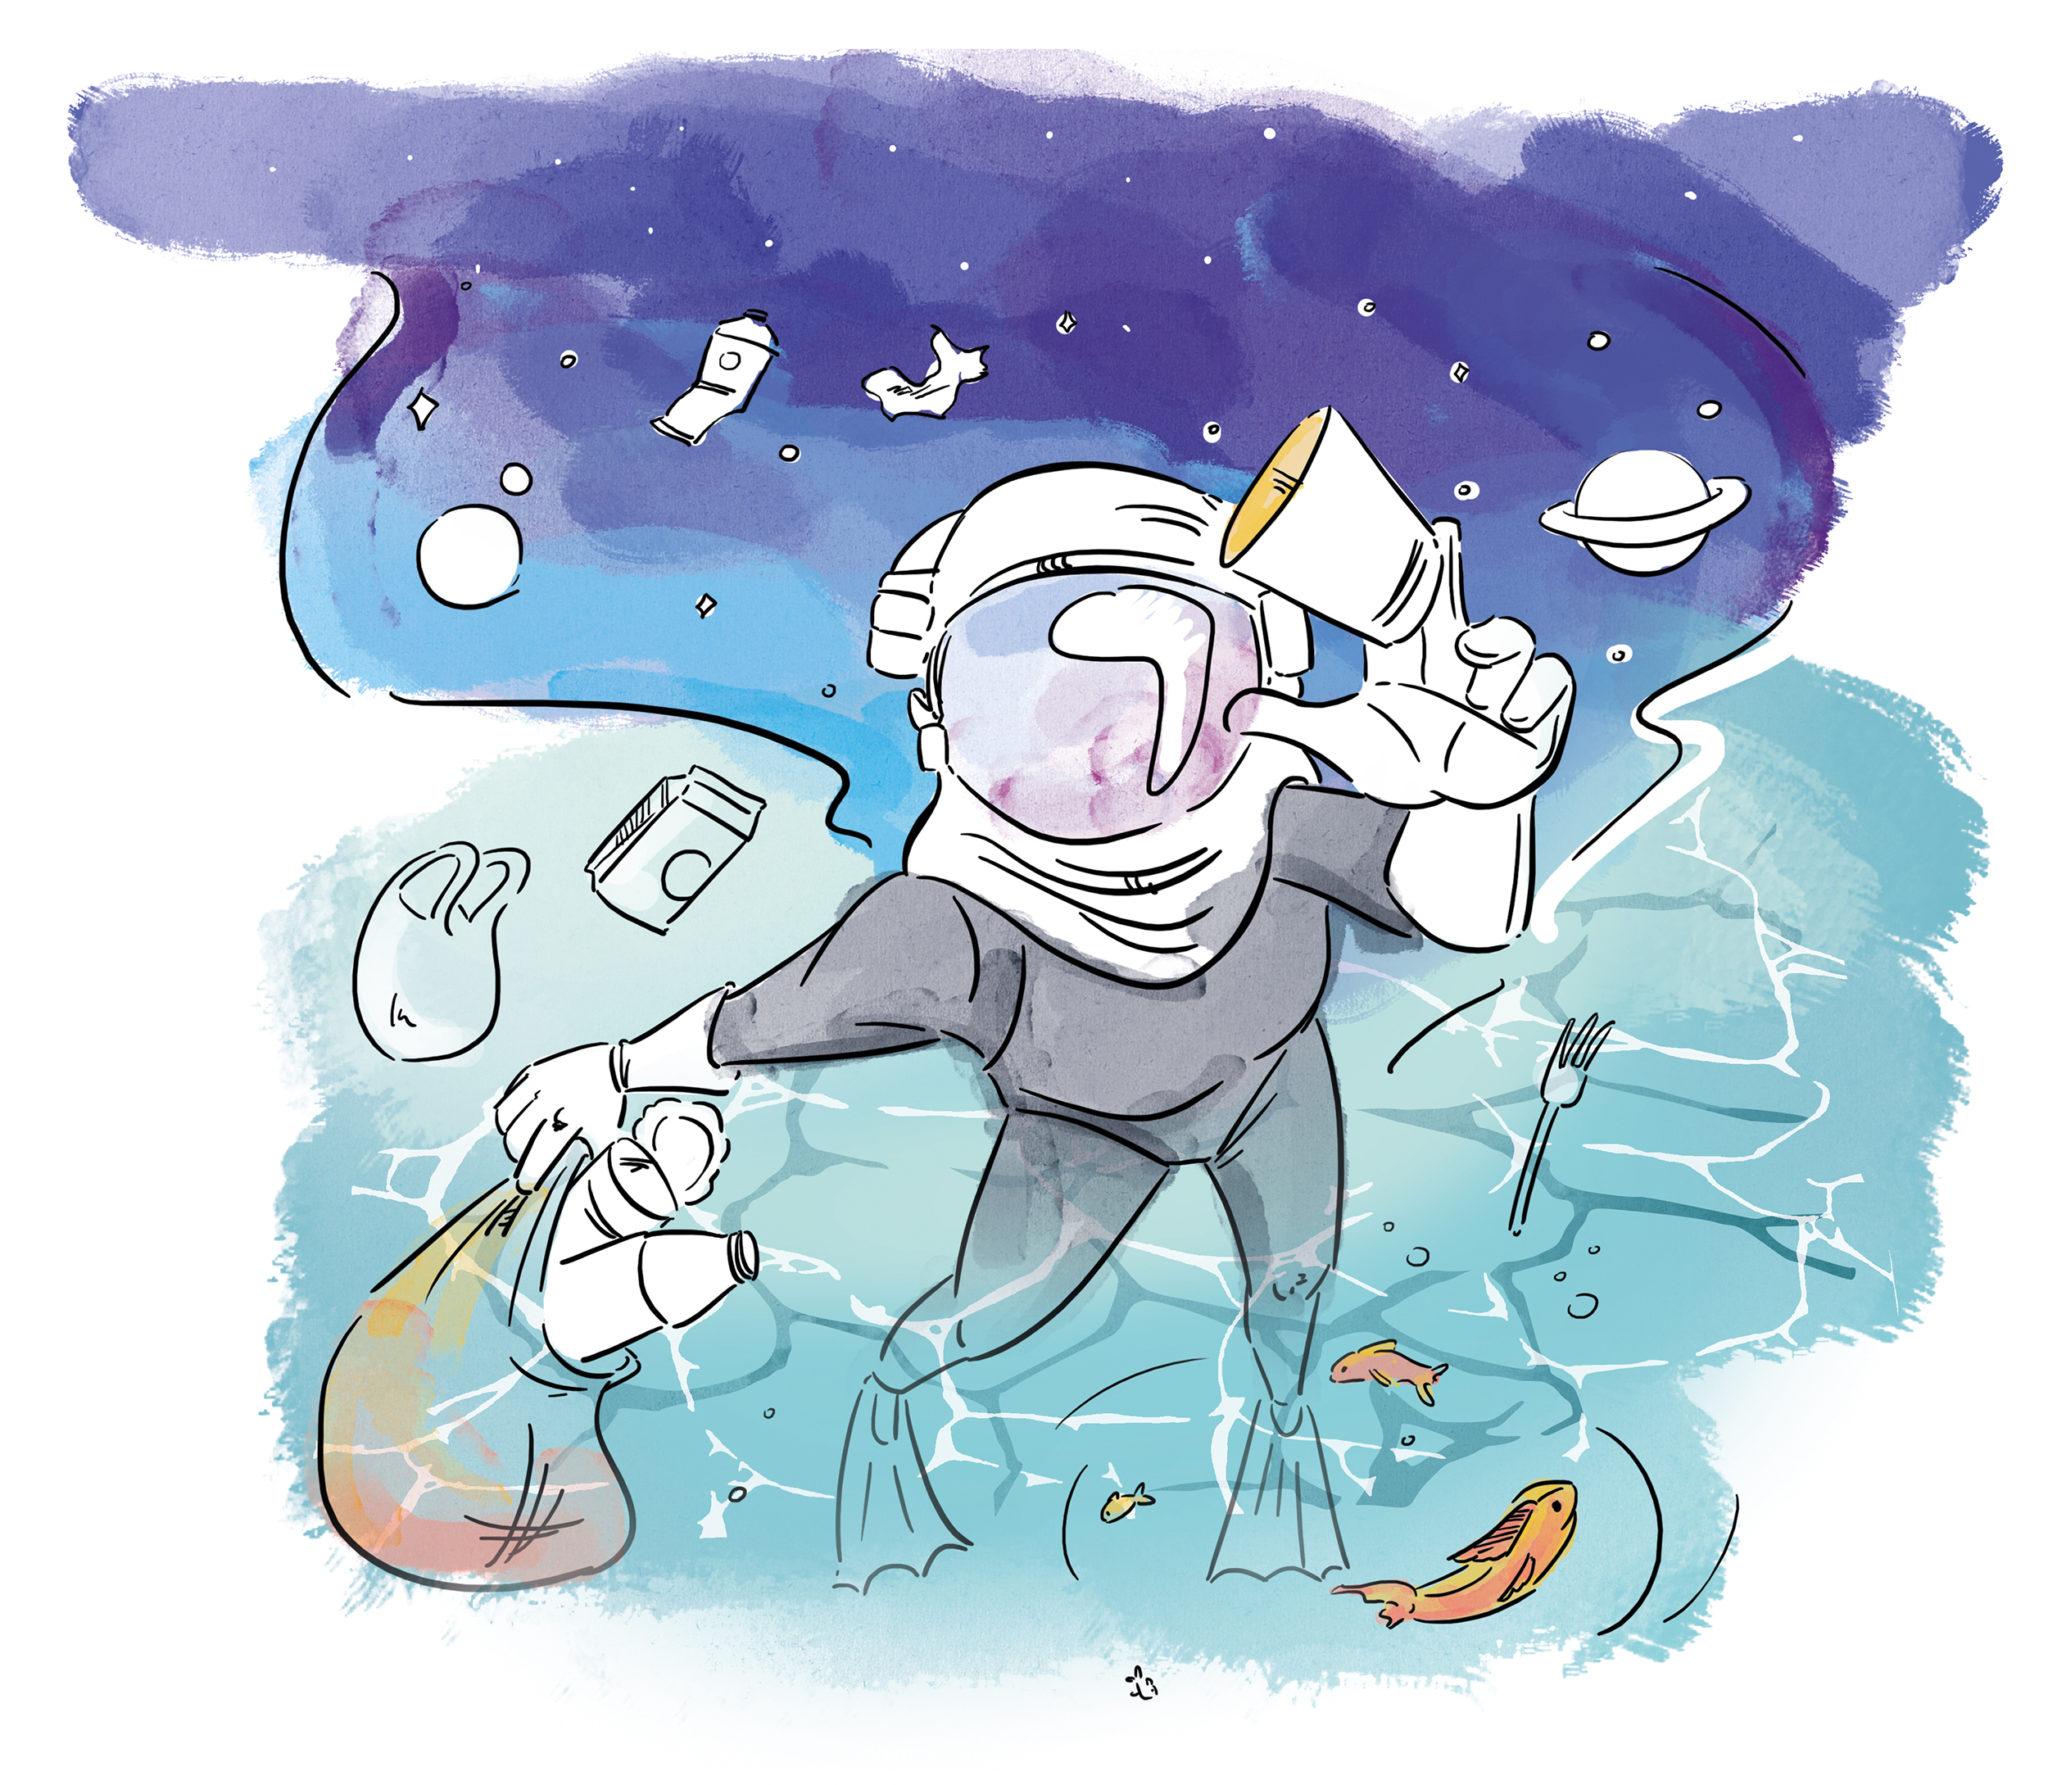 Ilustracja nurka i kosmonauty zbierającego śmieci z nieba i morza